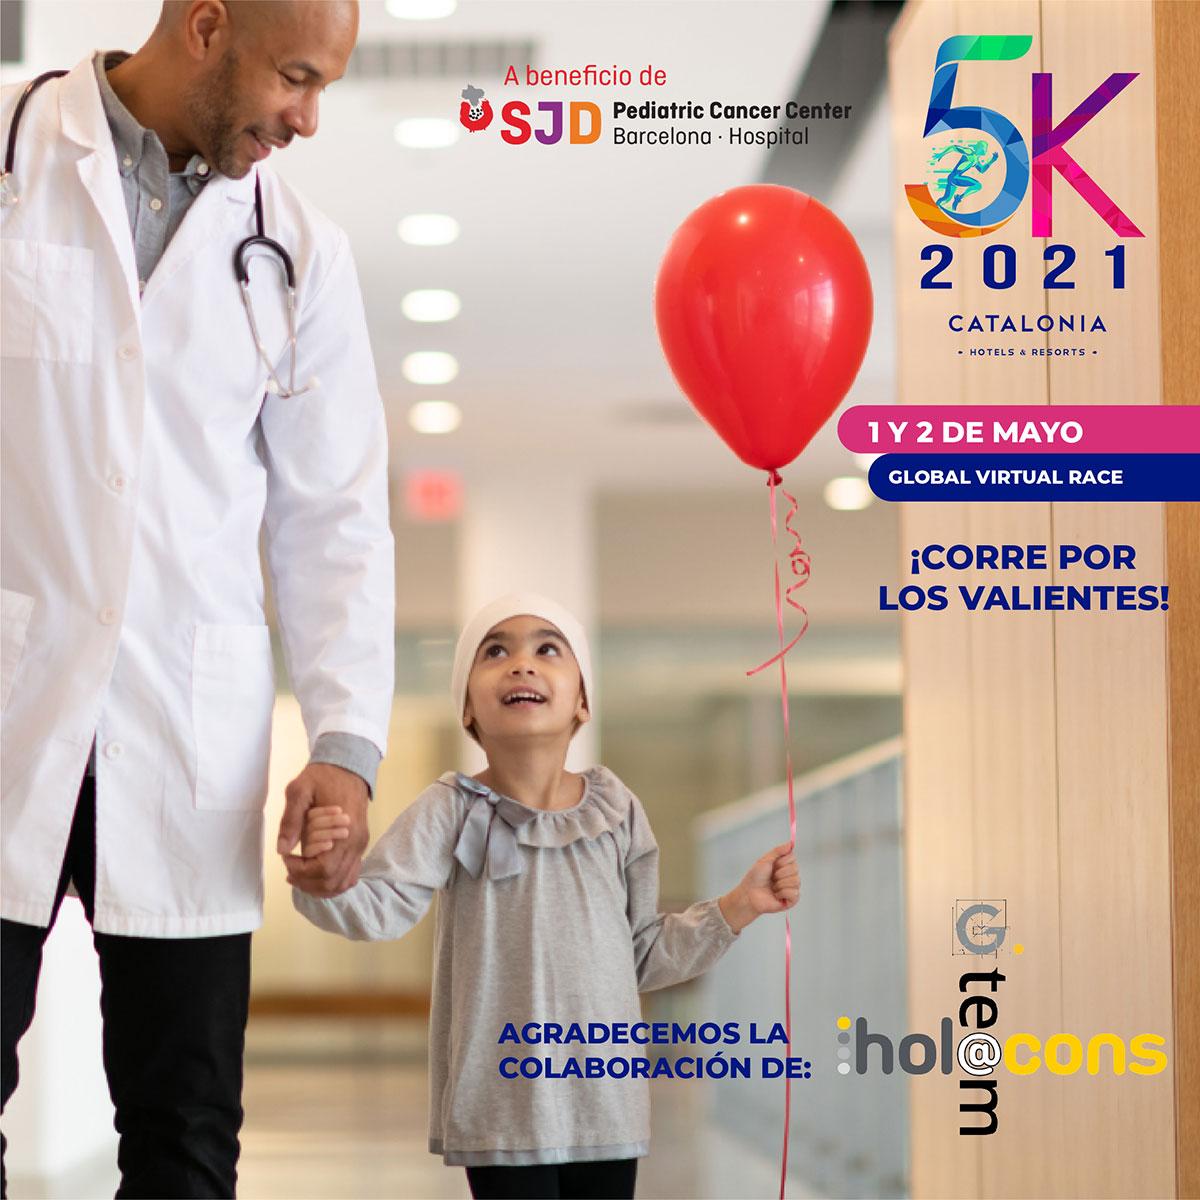 Catalonia 5K Race 2021